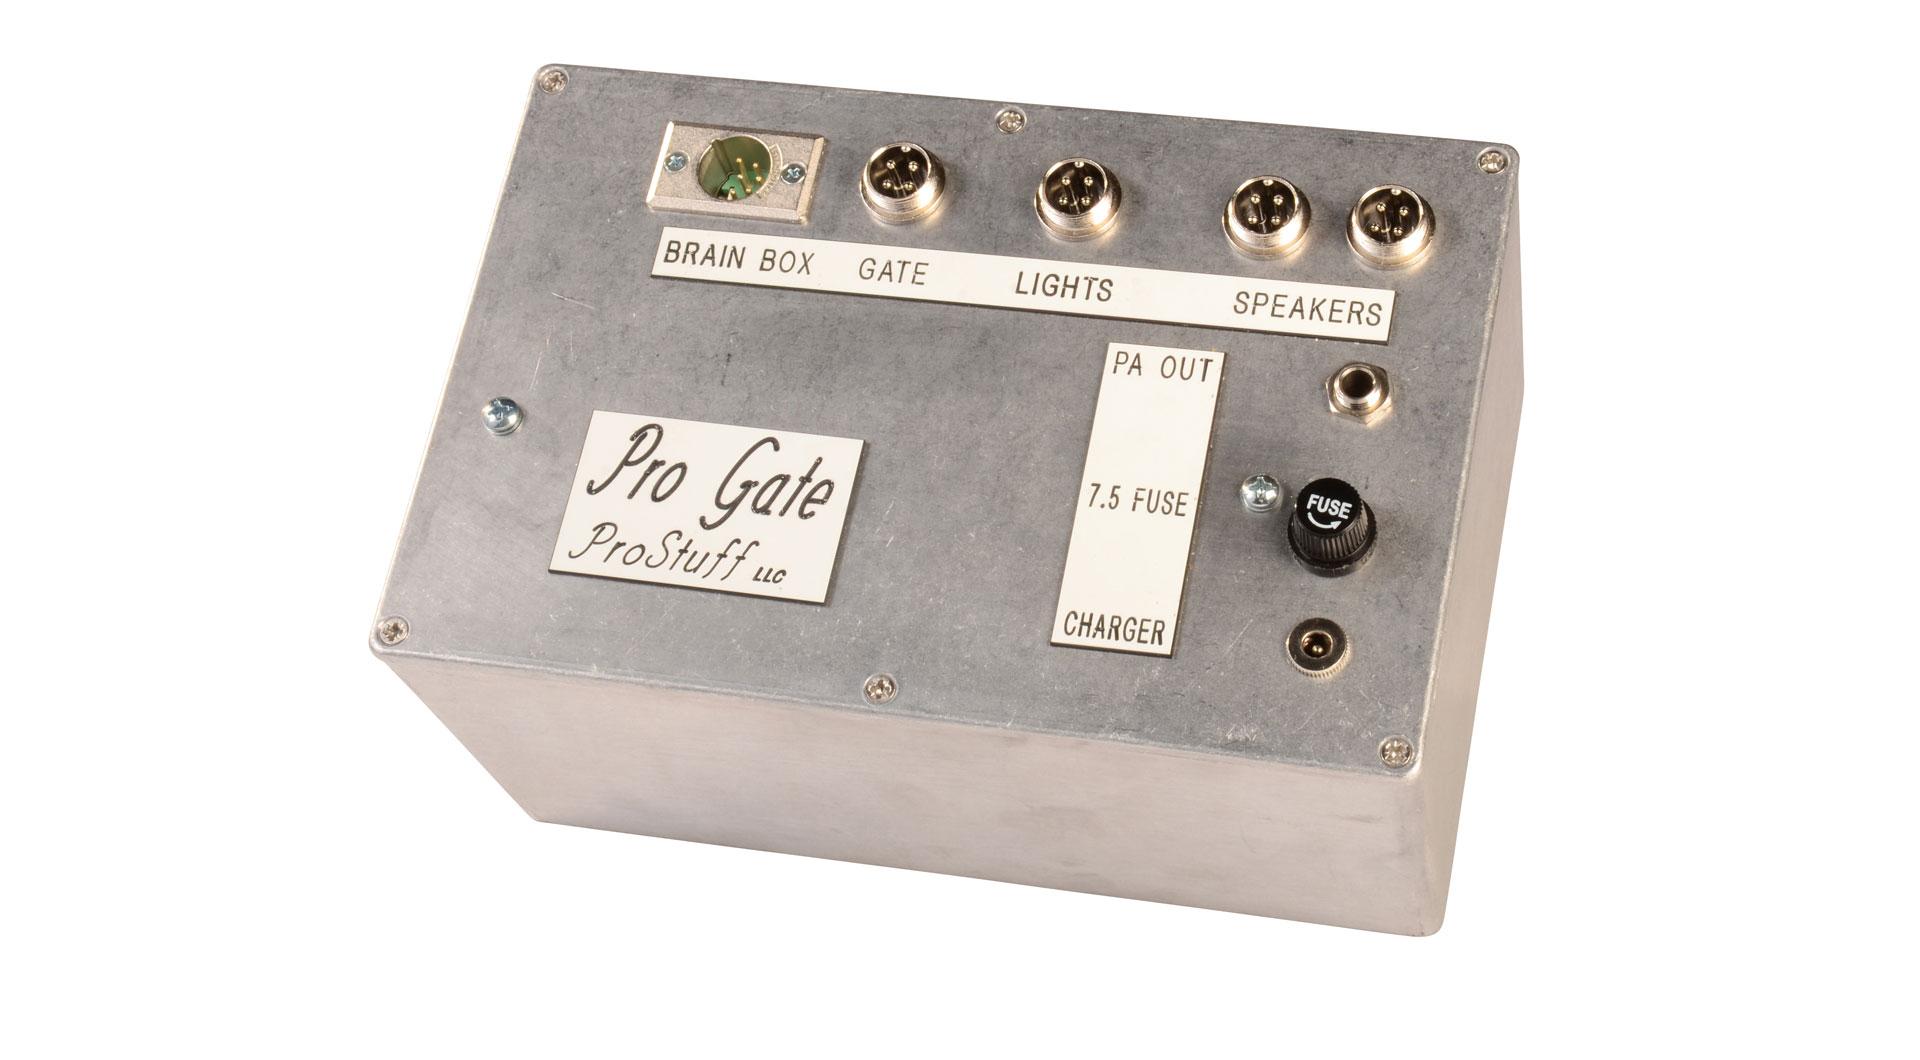 Pro Gate 3x 12-Volt BMX Starting Gate Control Box